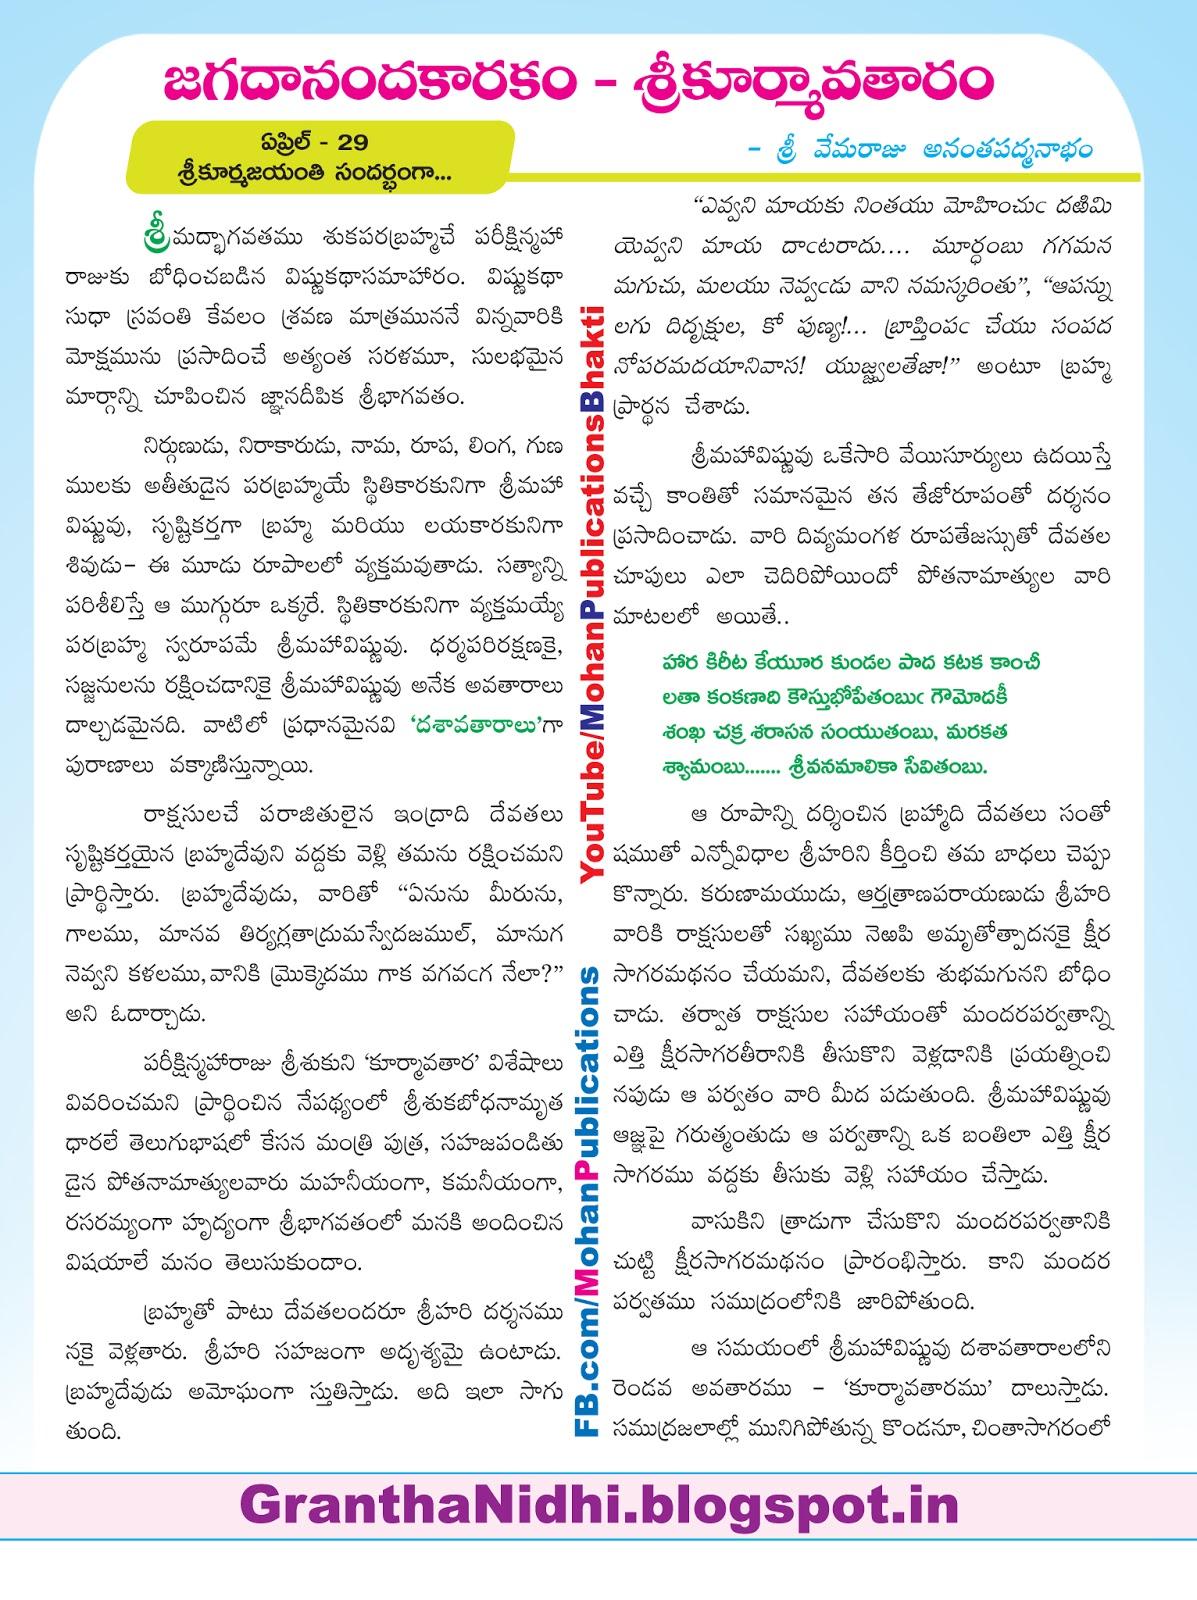 శ్రీ కూర్మ జయంతి Sri Kurma Jayanti Sri Kurmam Lord Sri Kurma Lord Vishnu Dasavatharam Kurma Avatharam Kurma Avathara TTD TTD Ebooks Sapthagiri Saptagiri Bhakthi Pustakalu Bhakti Pustakalu BhakthiPustakalu BhaktiPustakalu